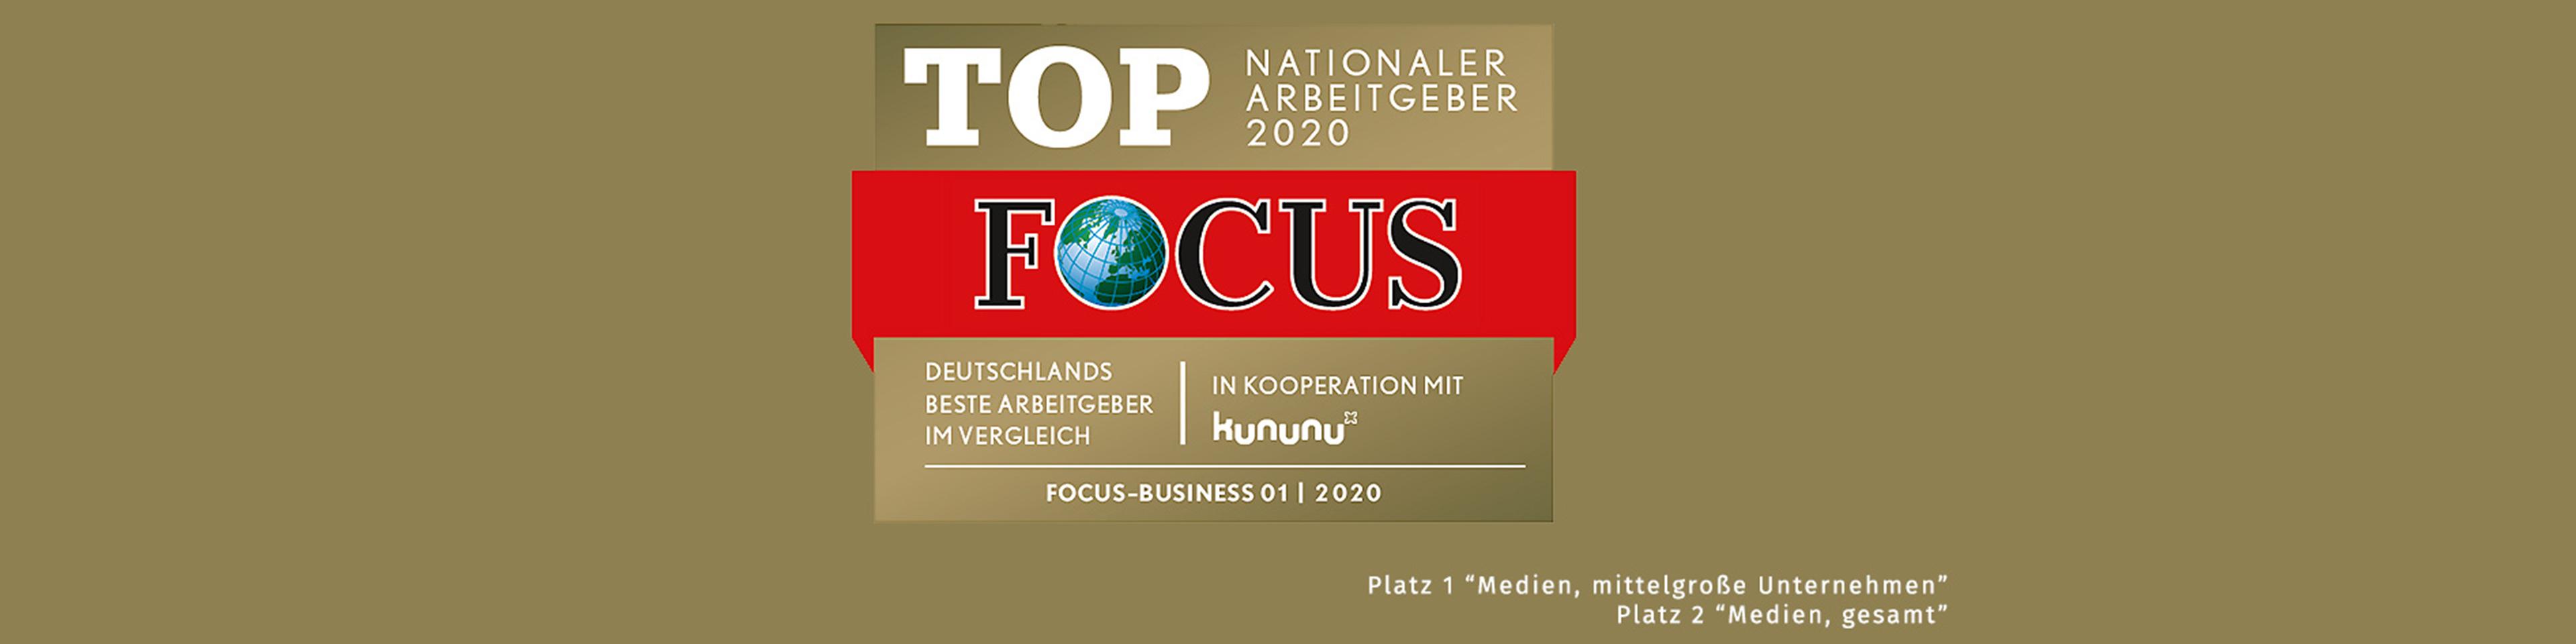 Wolters Kluwer Deutschland ist Top-Arbeitgeber 2020